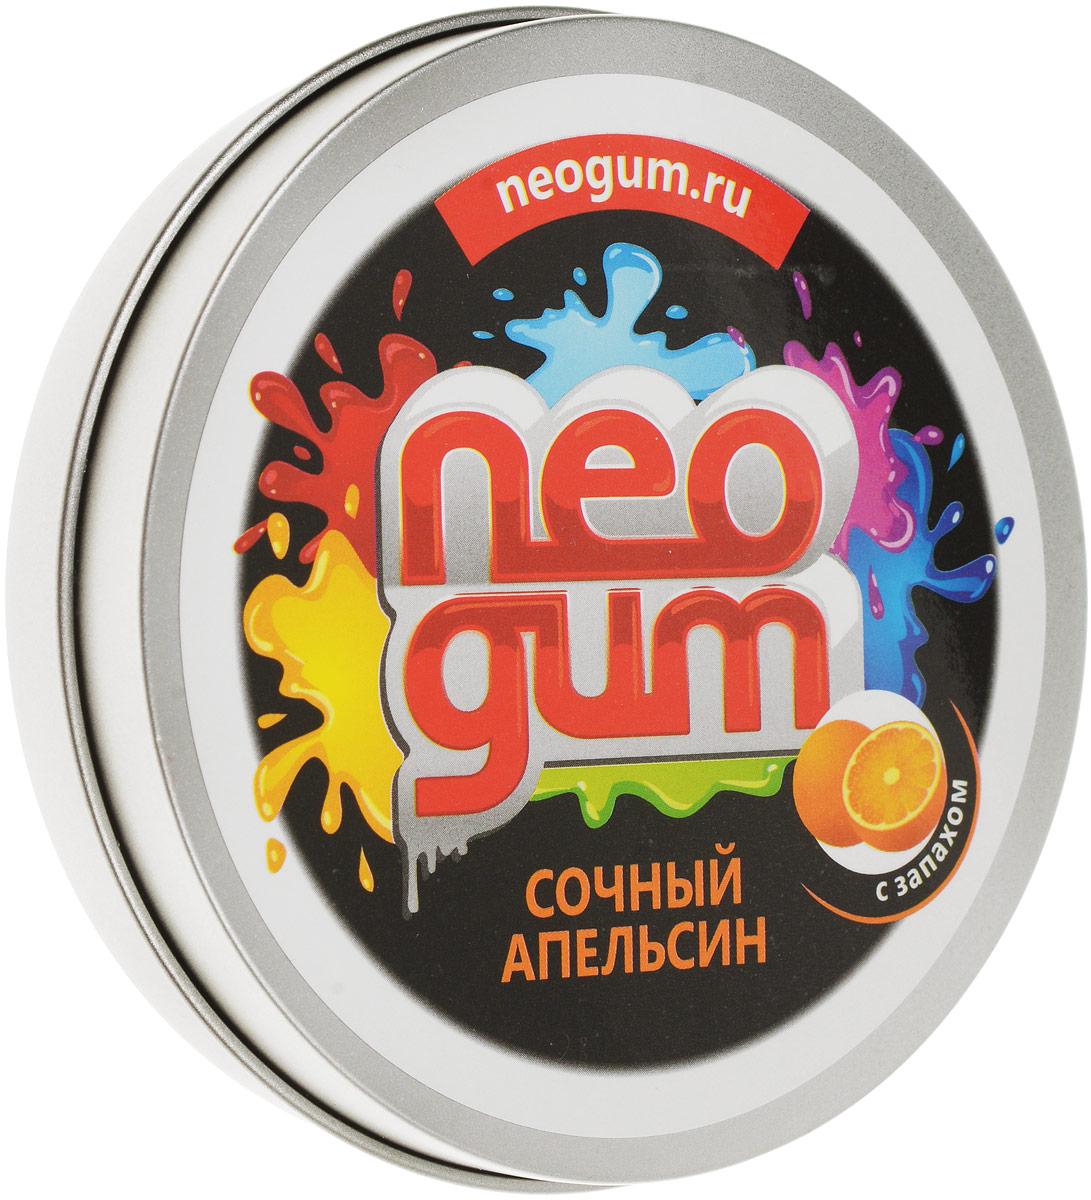 Neogum Жвачка для рук Сочный апельсин жвачка ригли сперминт